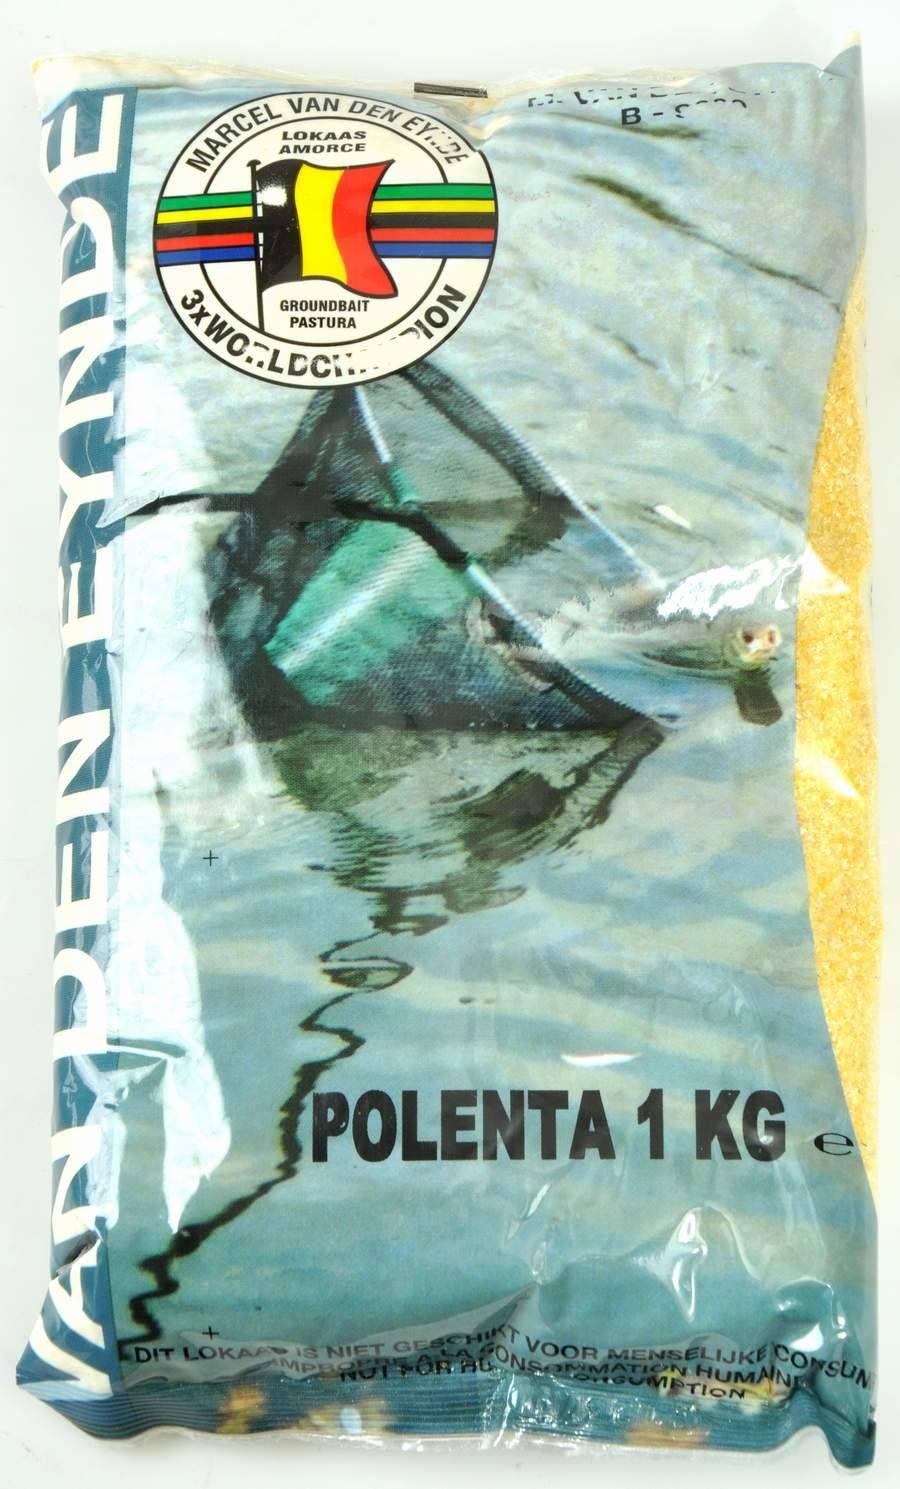 M.V.D. Eynde Polenta Majs 1kg